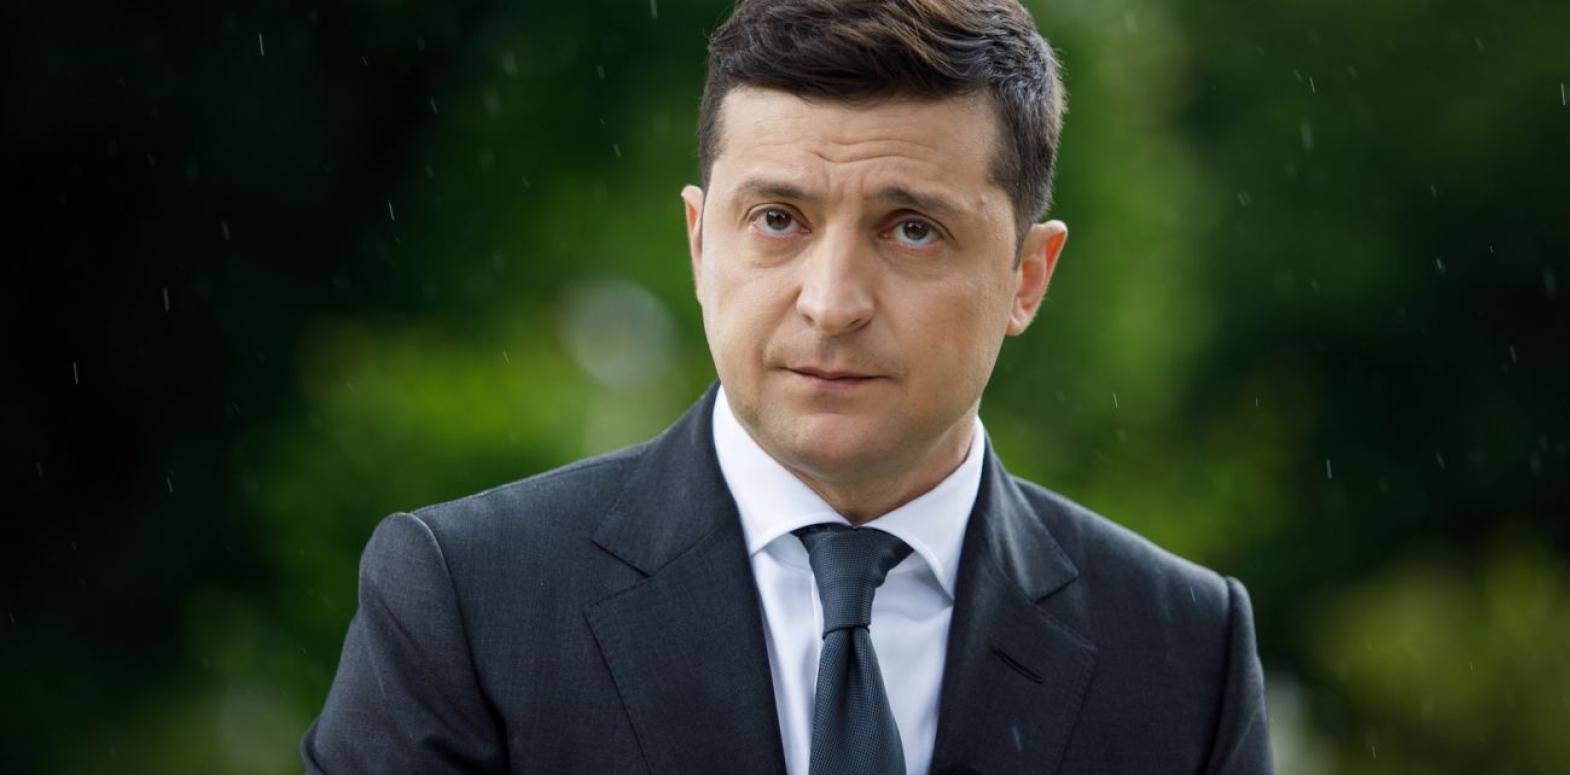 Зеленский рассказал, на что пойдут 2,7 млрд долларов транша МВФ для Украины